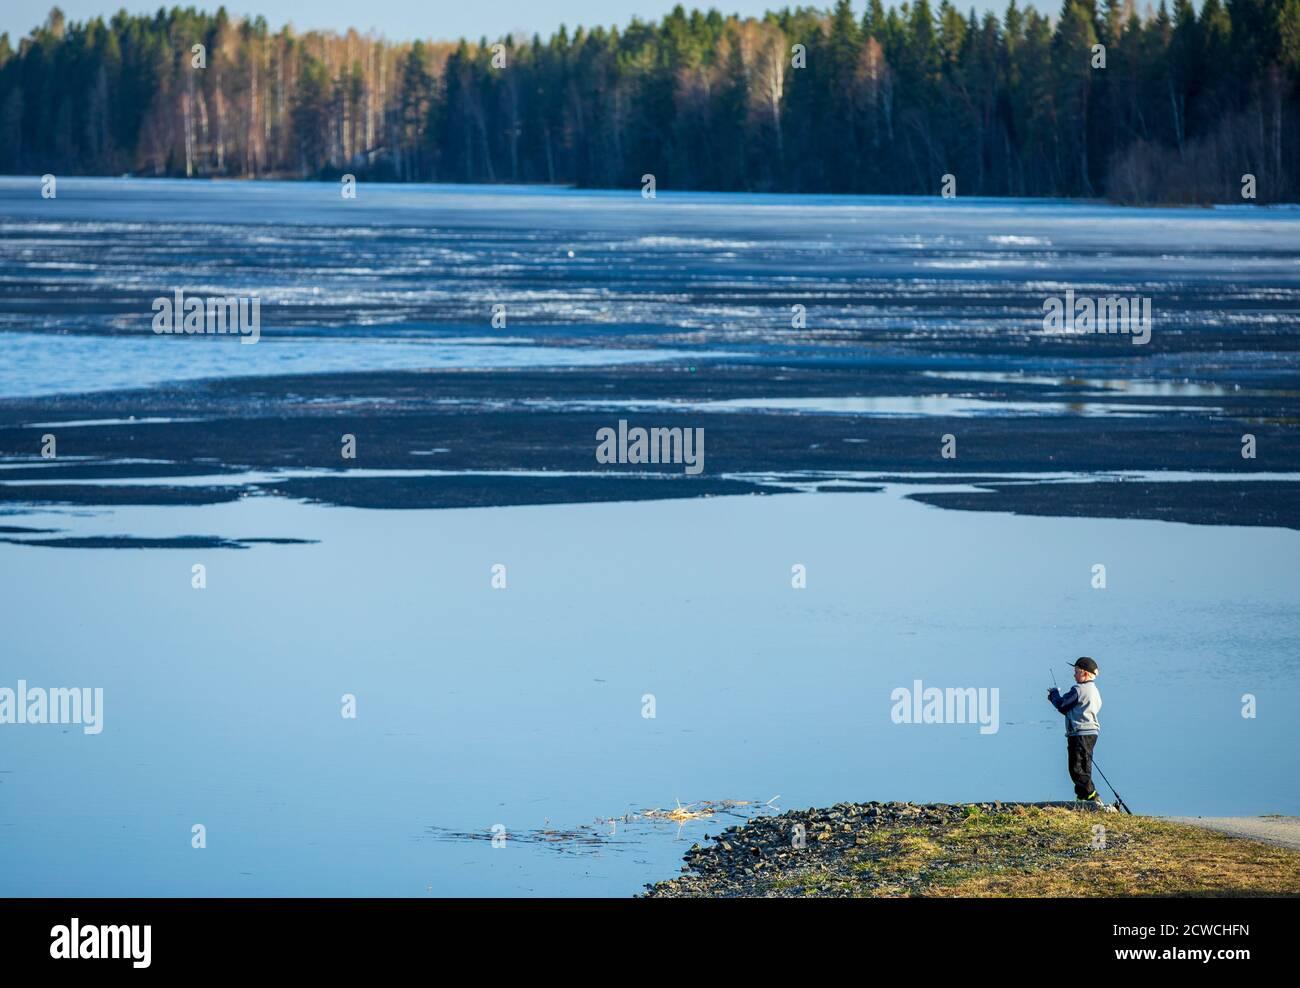 Jeune garçon pêchant seul sur la plage d'un lac à moitié gelé à Spring, en Finlande Banque D'Images